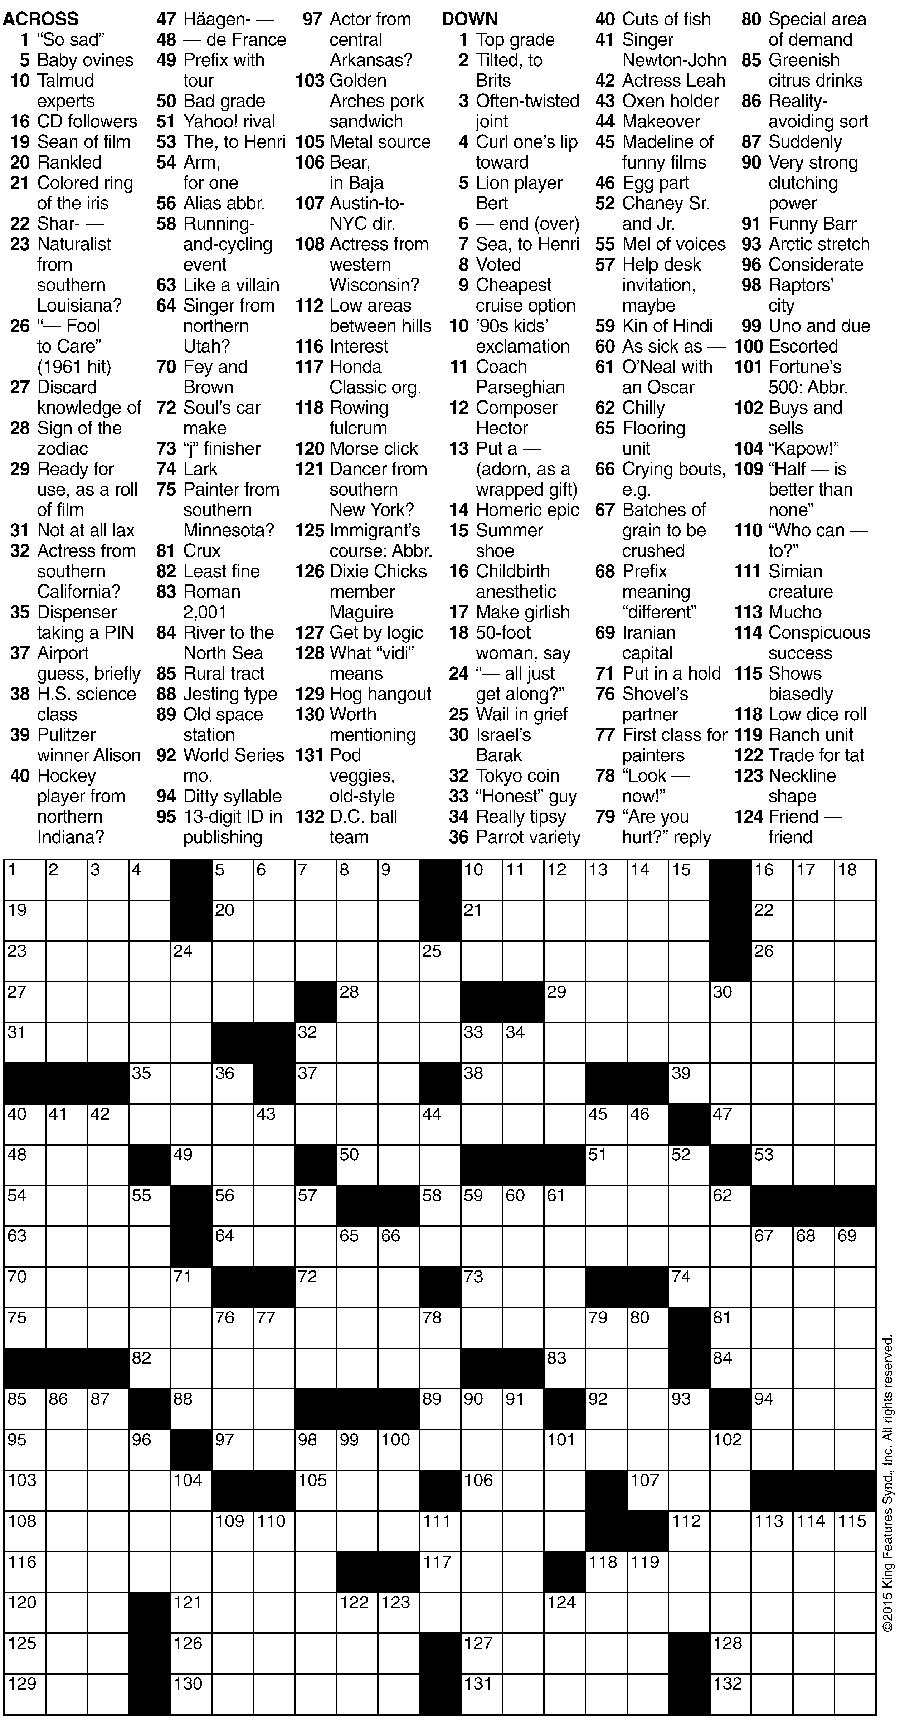 crossword1-2-c87063b1c8ef7050.png